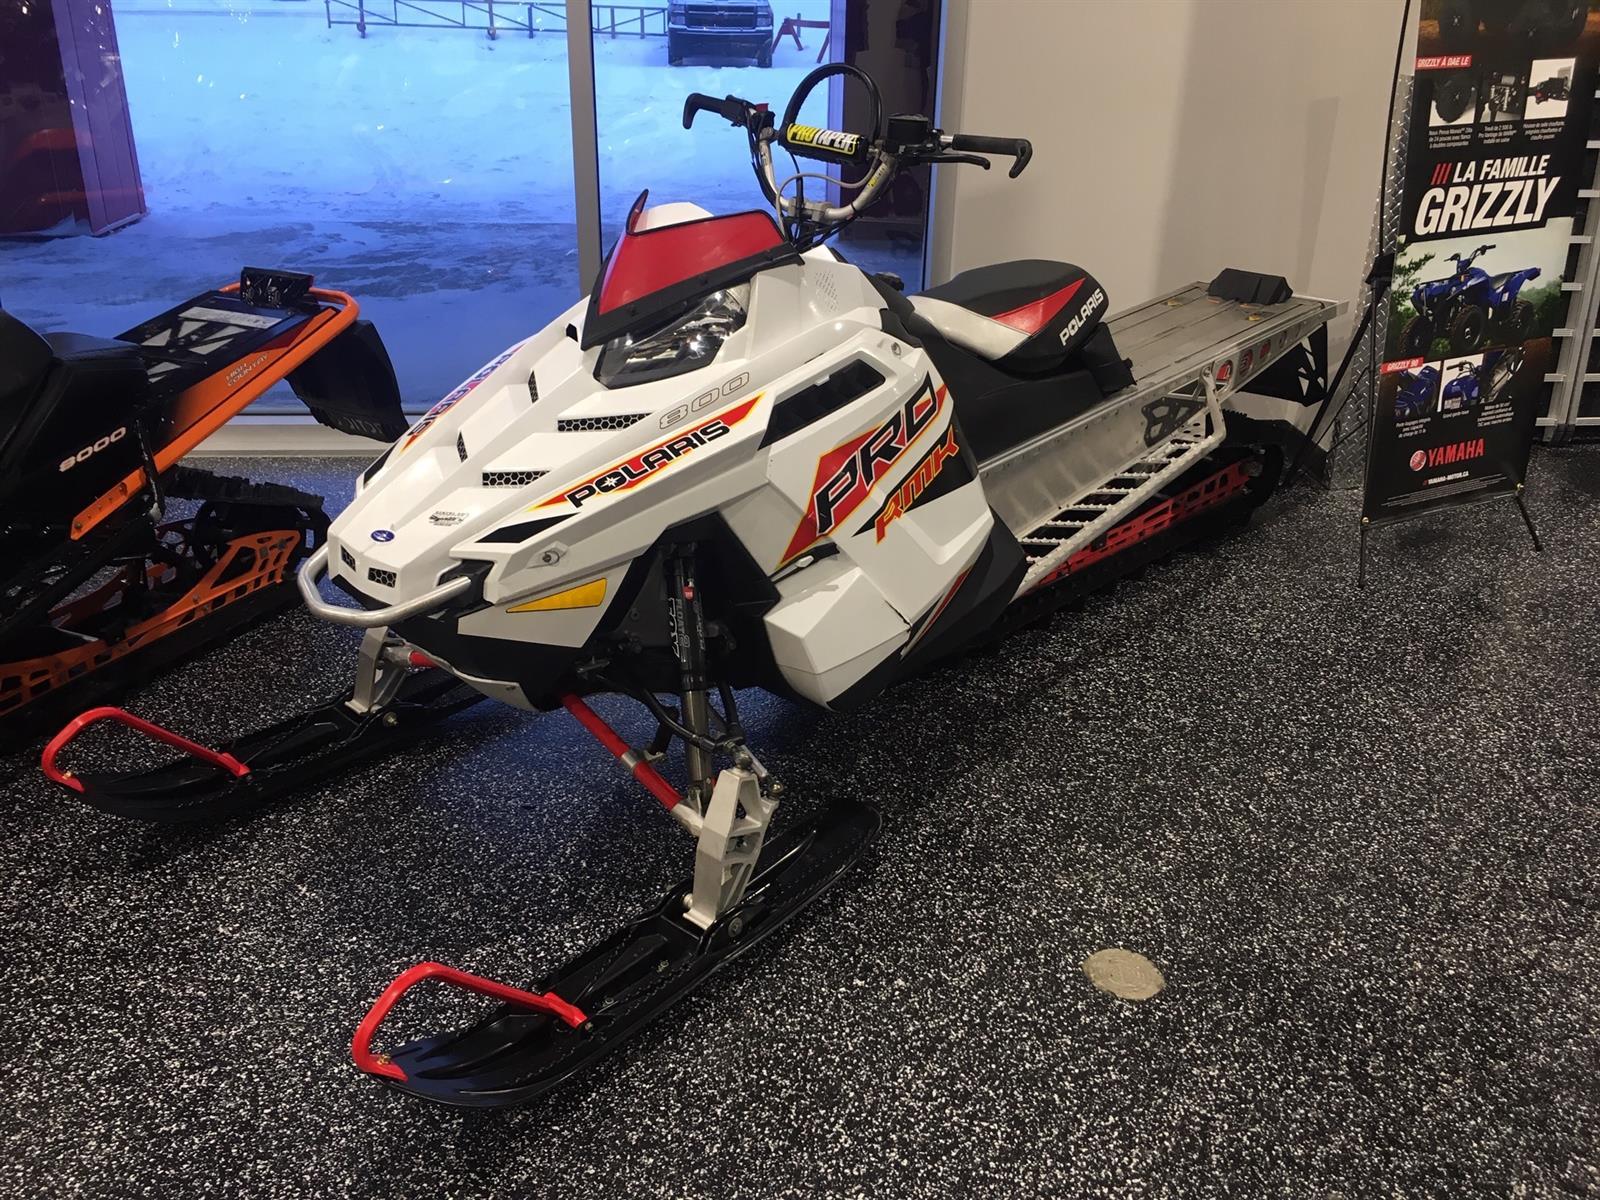 2014 Polaris 800 Pro RMK